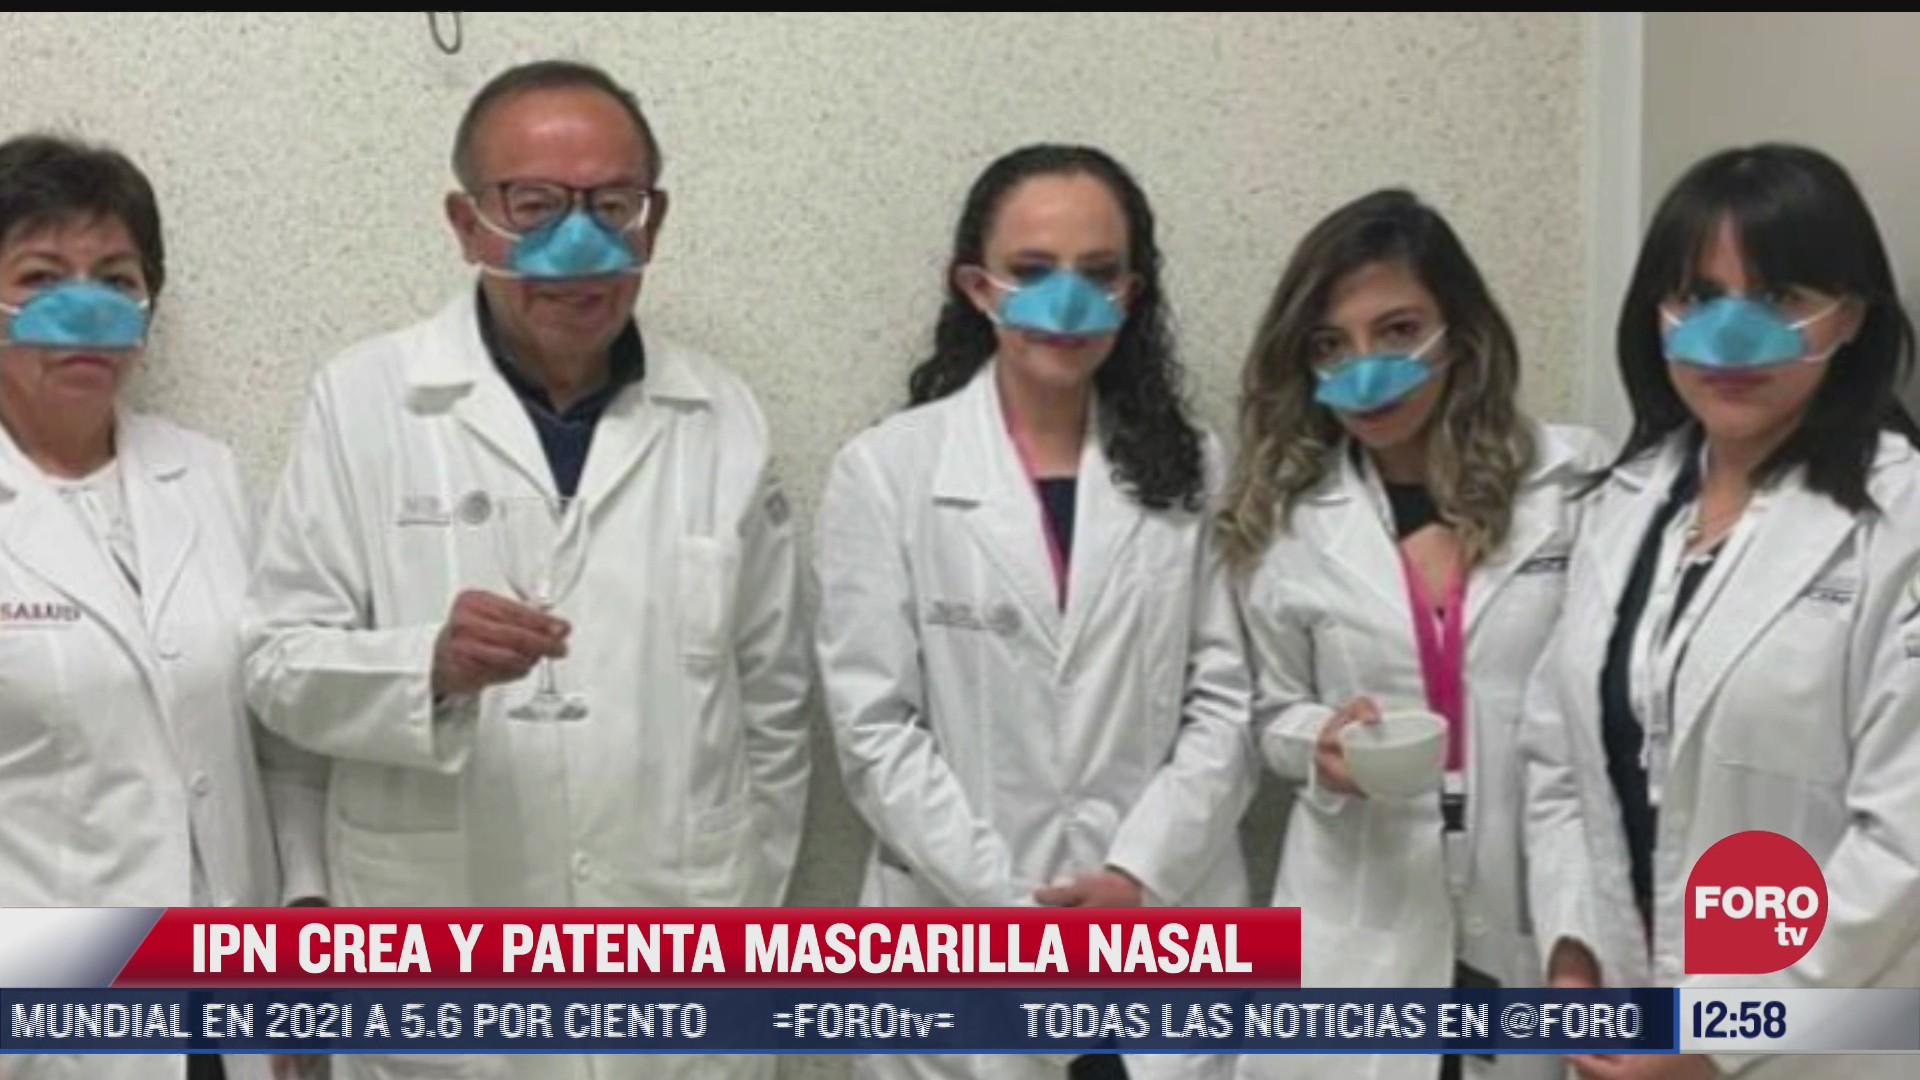 ipn crea y patenta mascarilla nasal